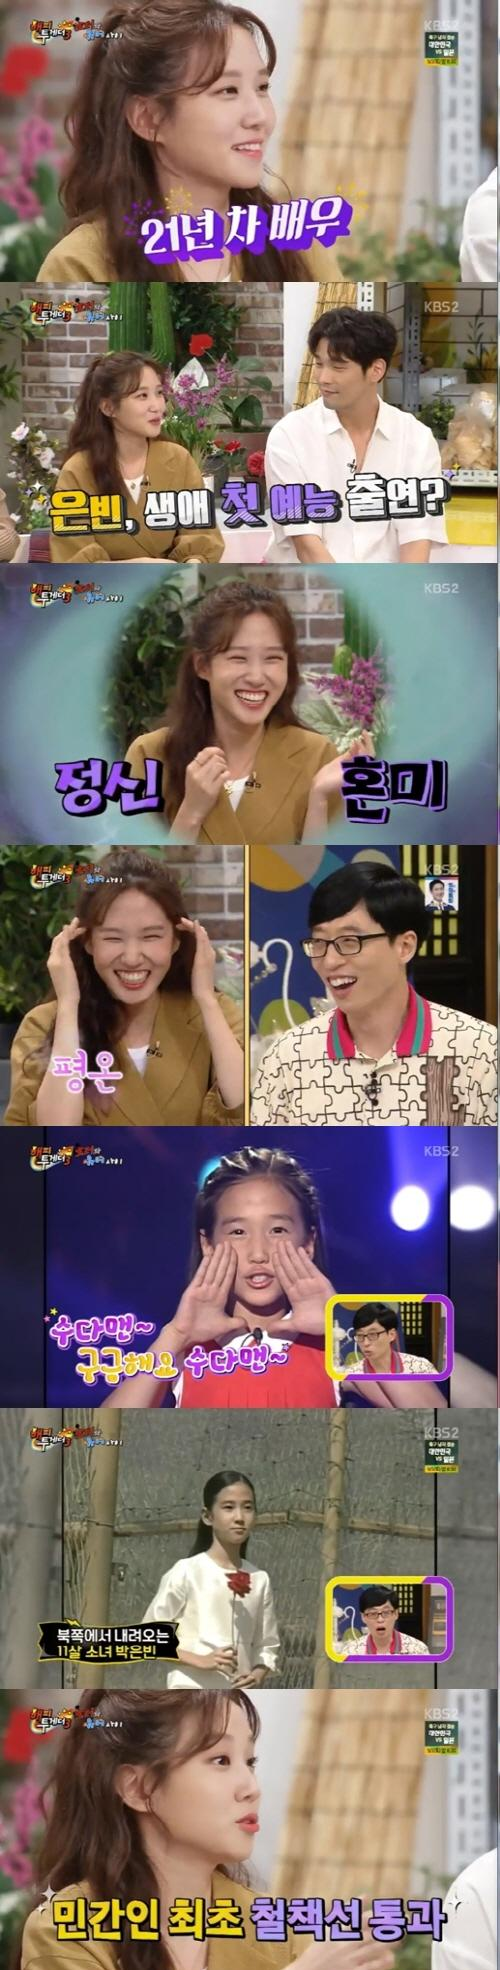 '해투3' 박은빈, 수다맨 외치던 1